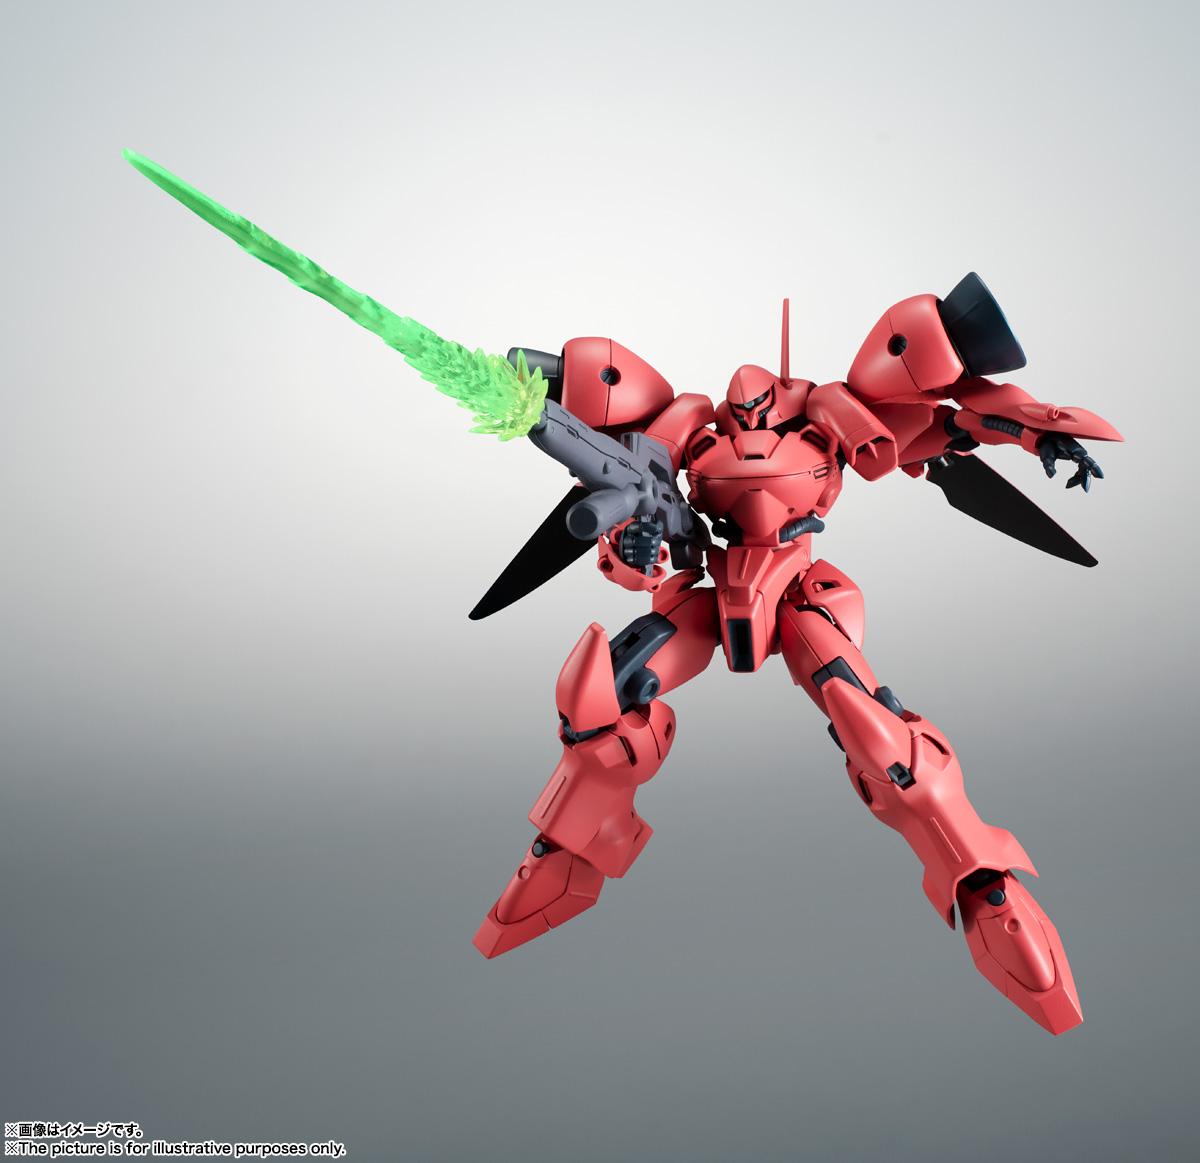 ROBOT魂〈SIDE MS〉『AGX-04 ガーベラ・テトラ ver. A.N.I.M.E.』機動戦士ガンダム0083 可動フィギュア-004